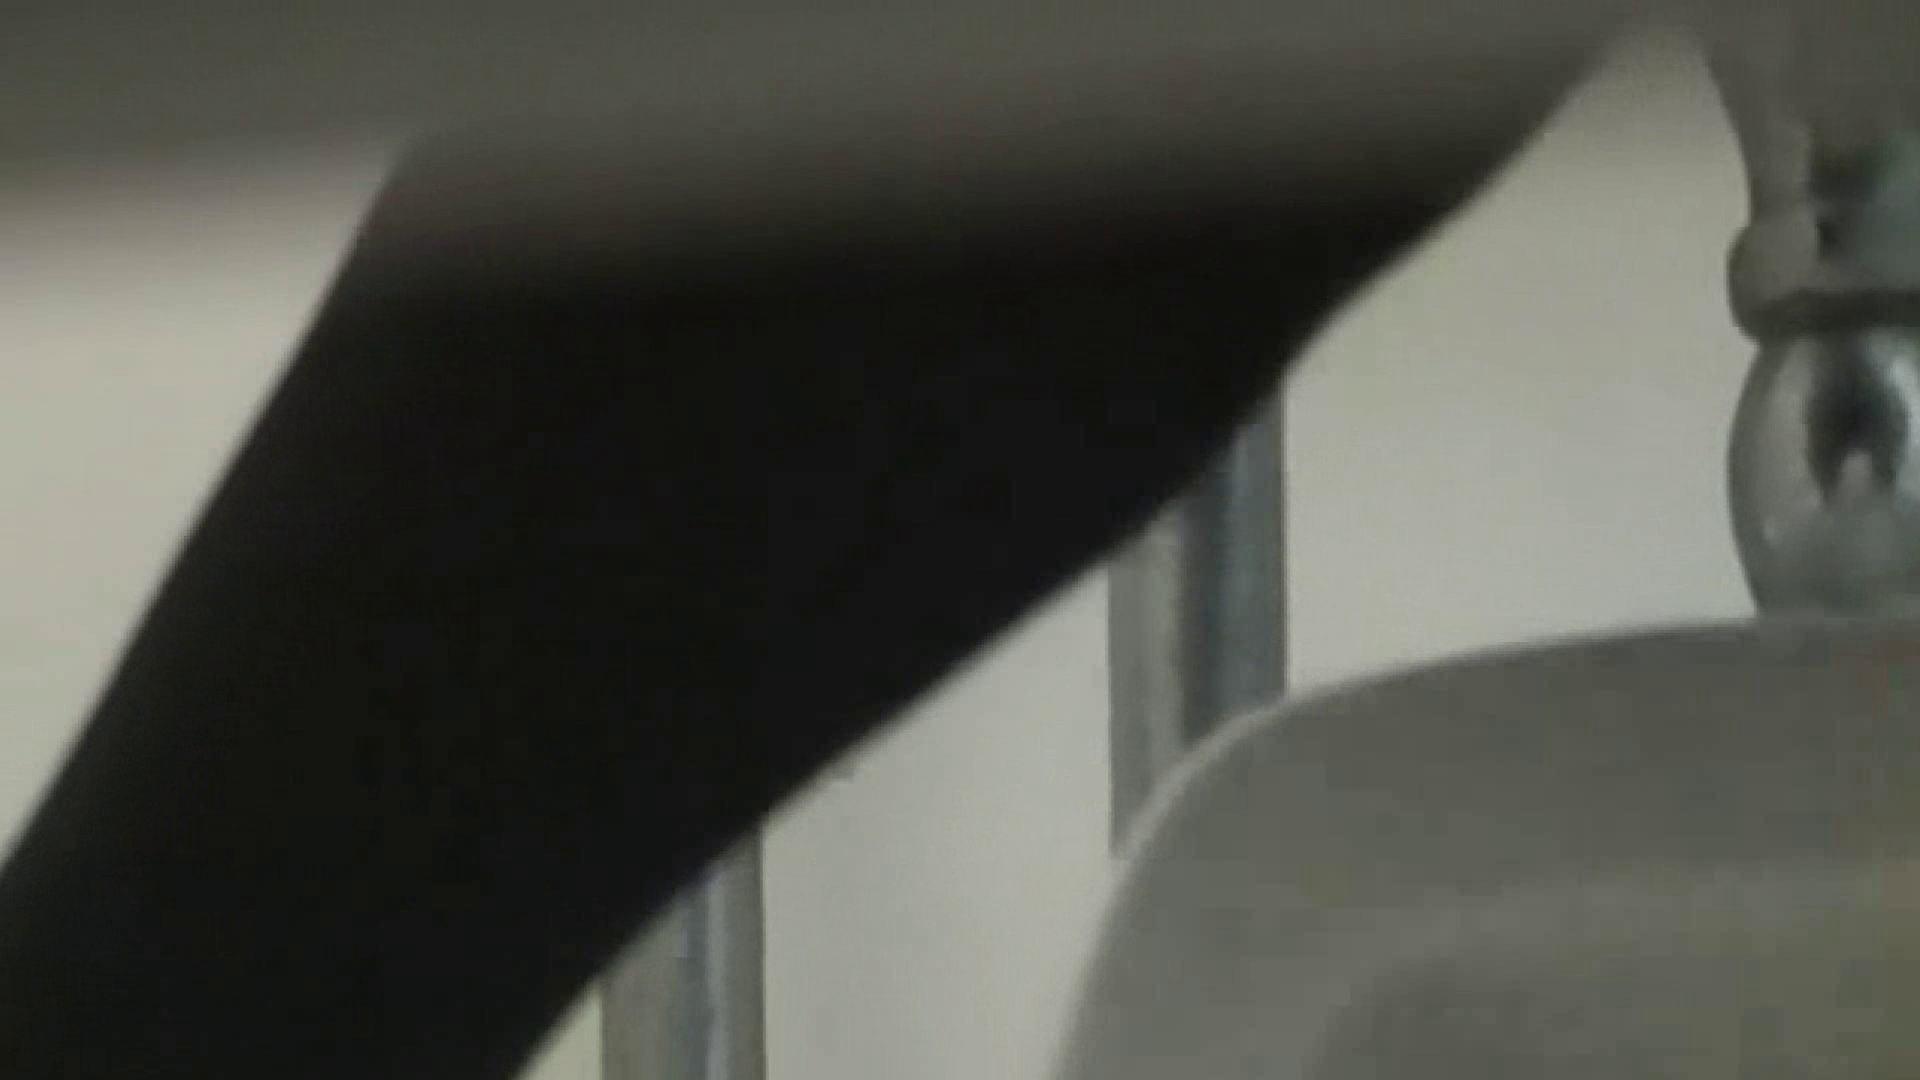 ロックハンドさんの盗撮記録File.74 パンティ ヌード画像 79pic 70